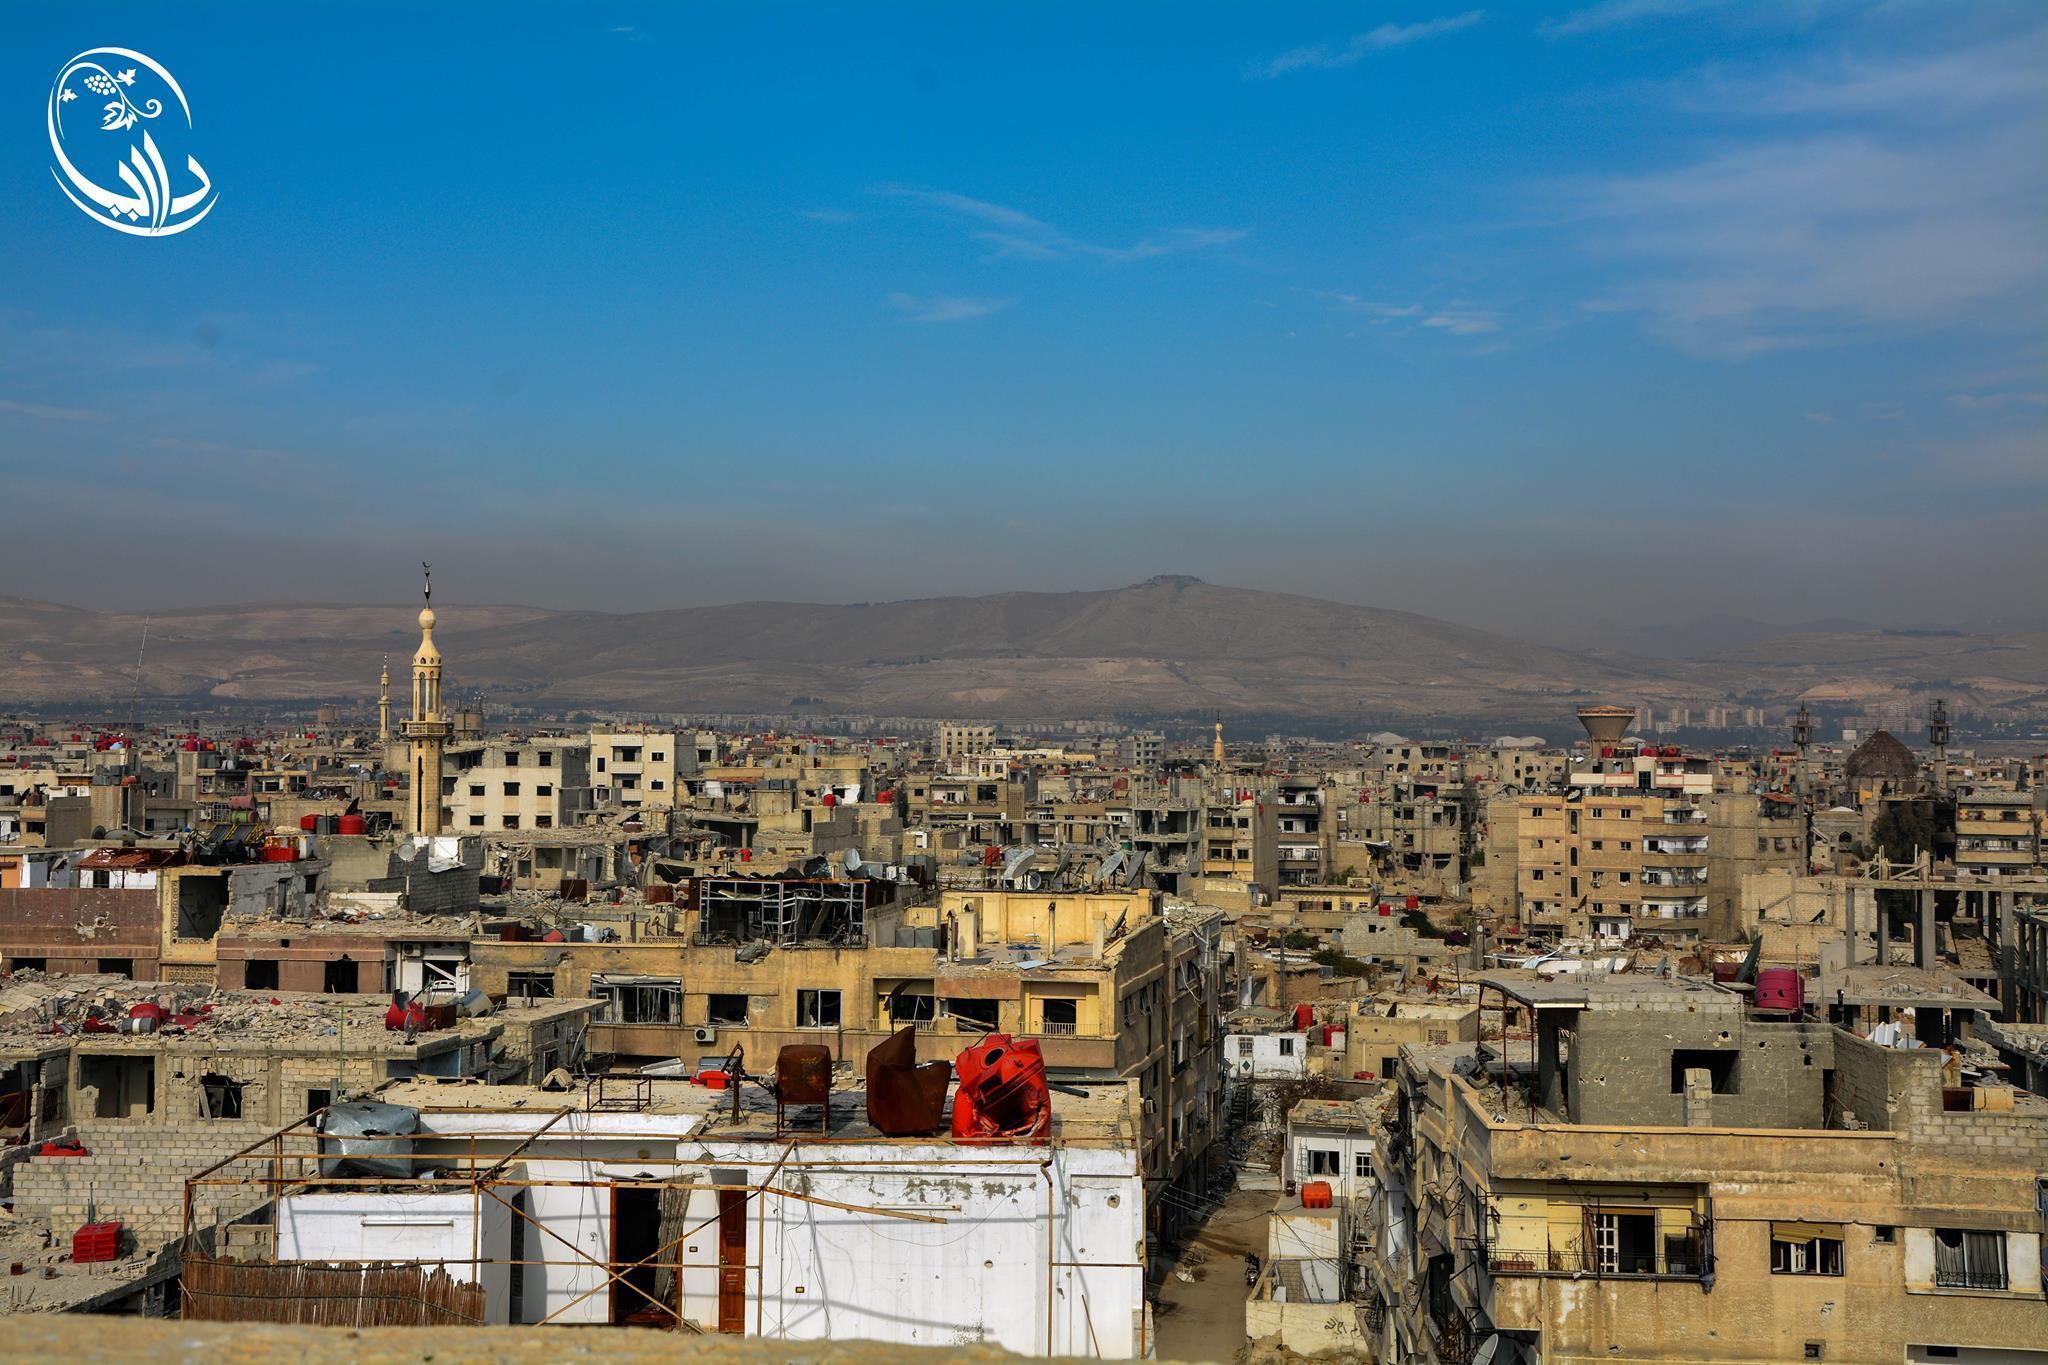 مشهد عام لمدينة داريا